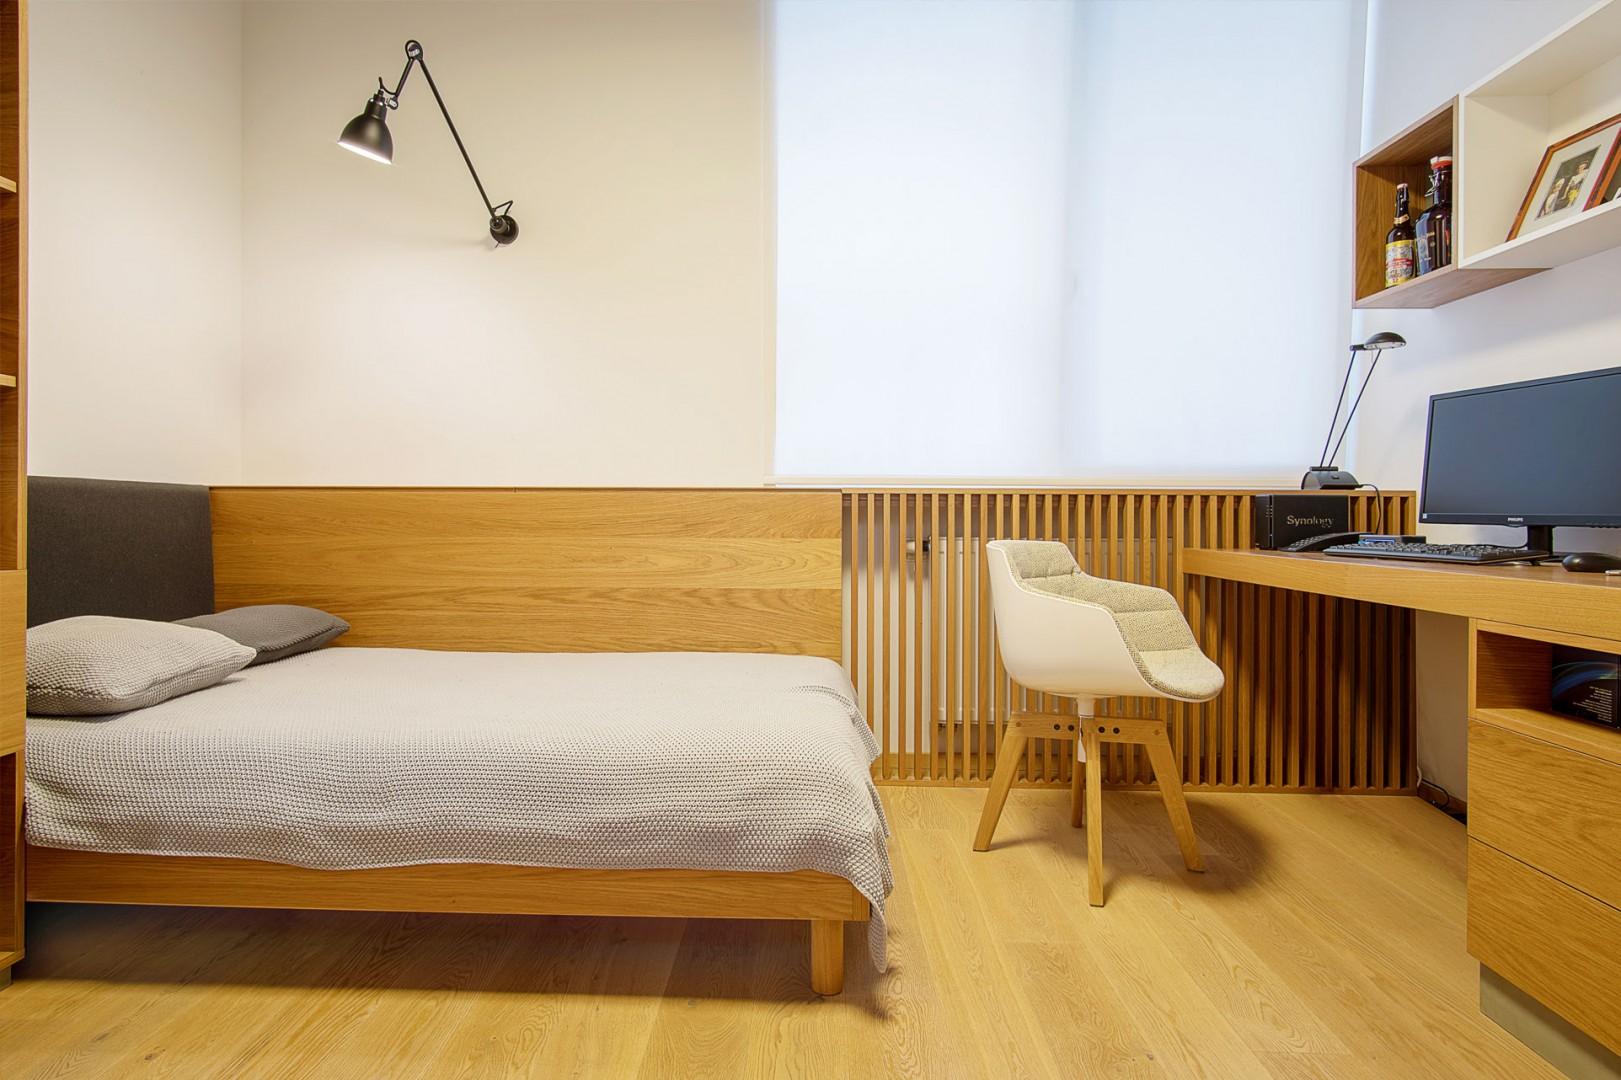 realizacia interieru rodinneho domu - vyroba nabytku do studentskej izby na mieru